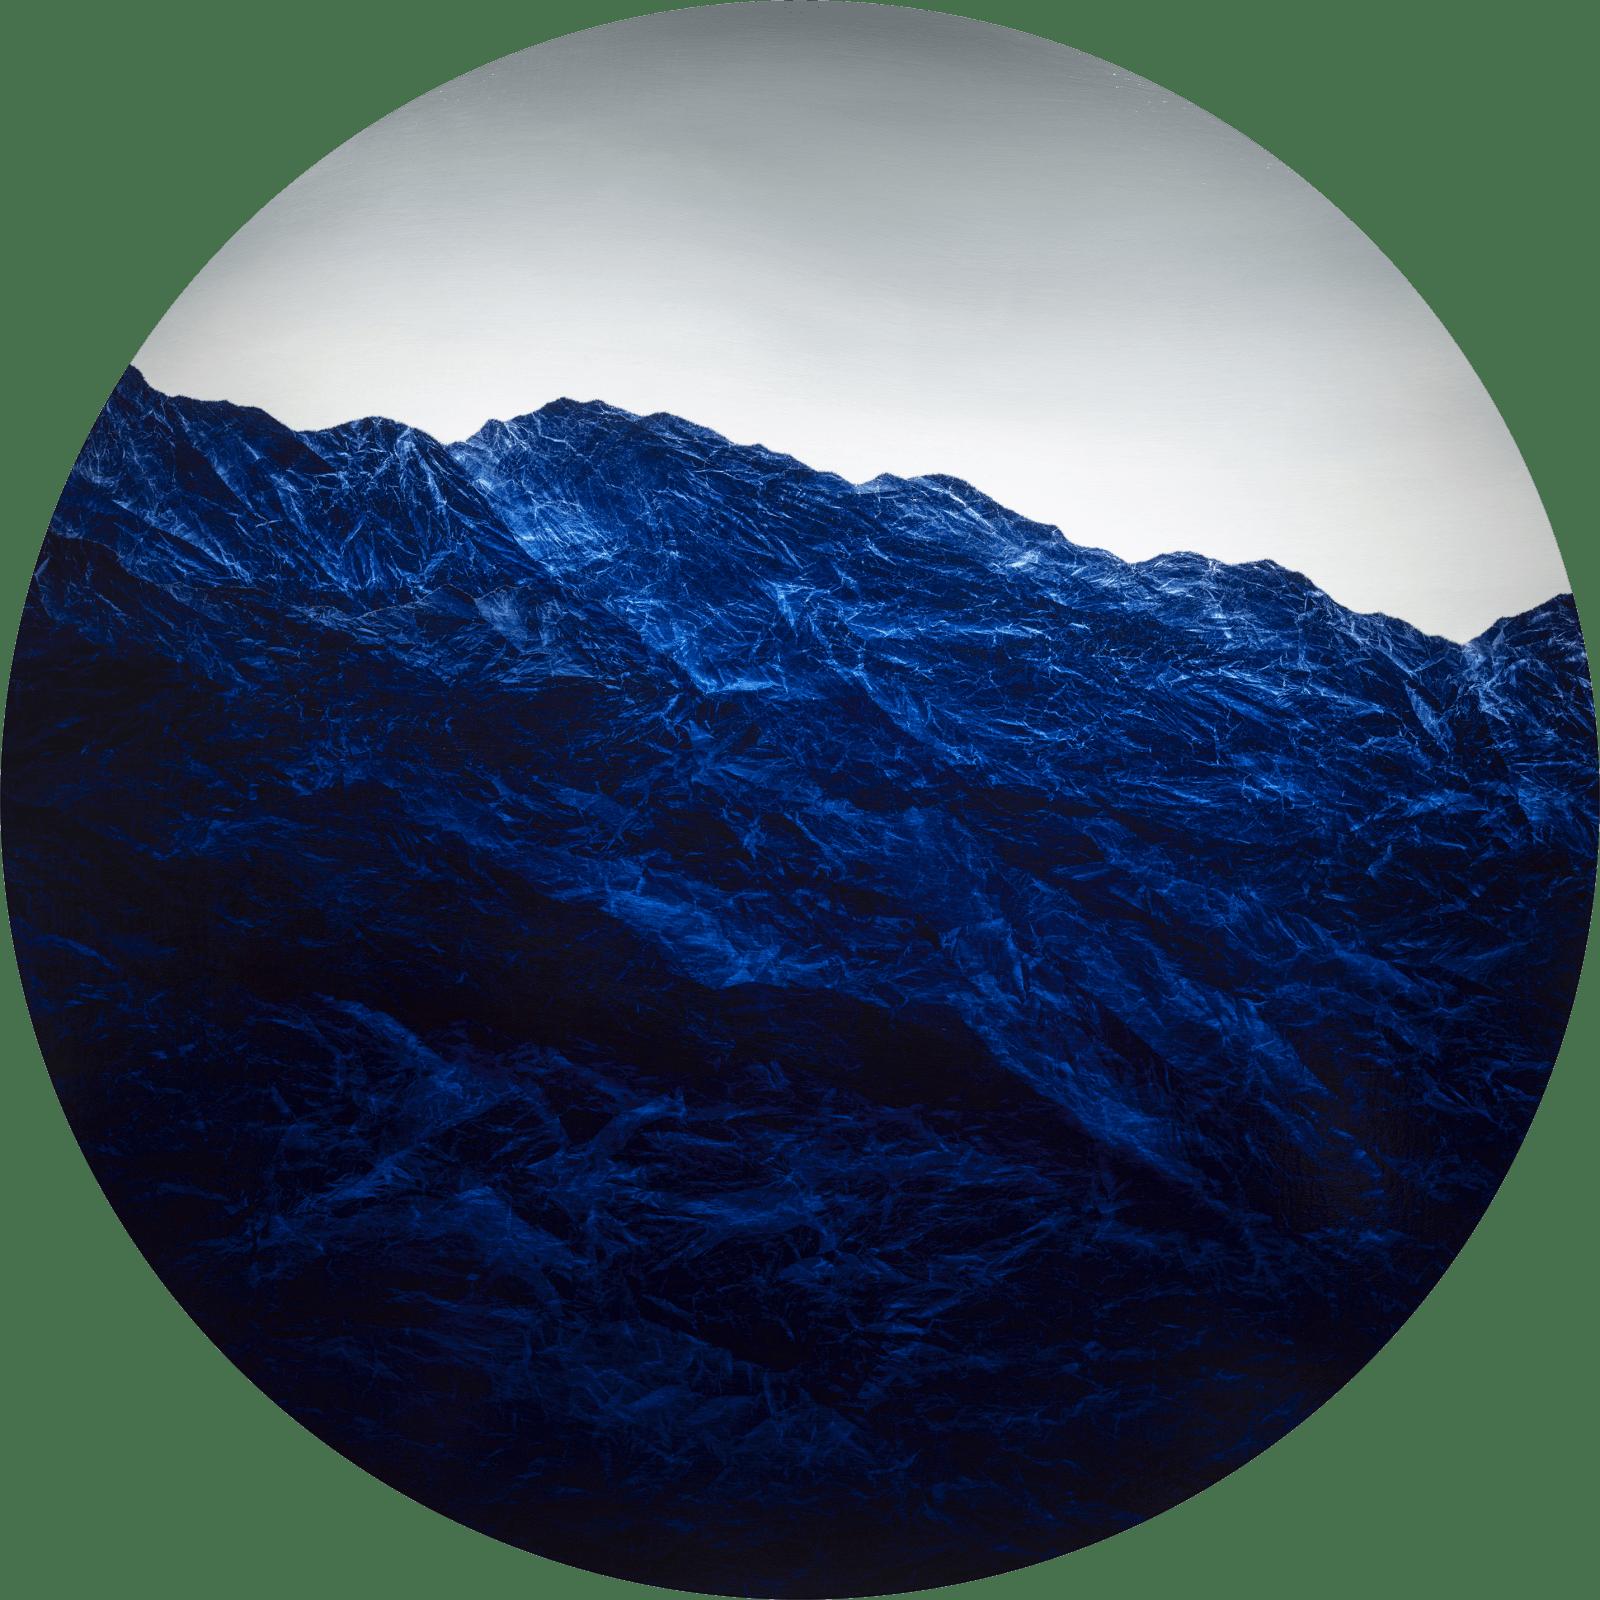 Wu Chi-Tsung 吳季璁, Cyano-Collage 077 氰山集之七十七, 2020